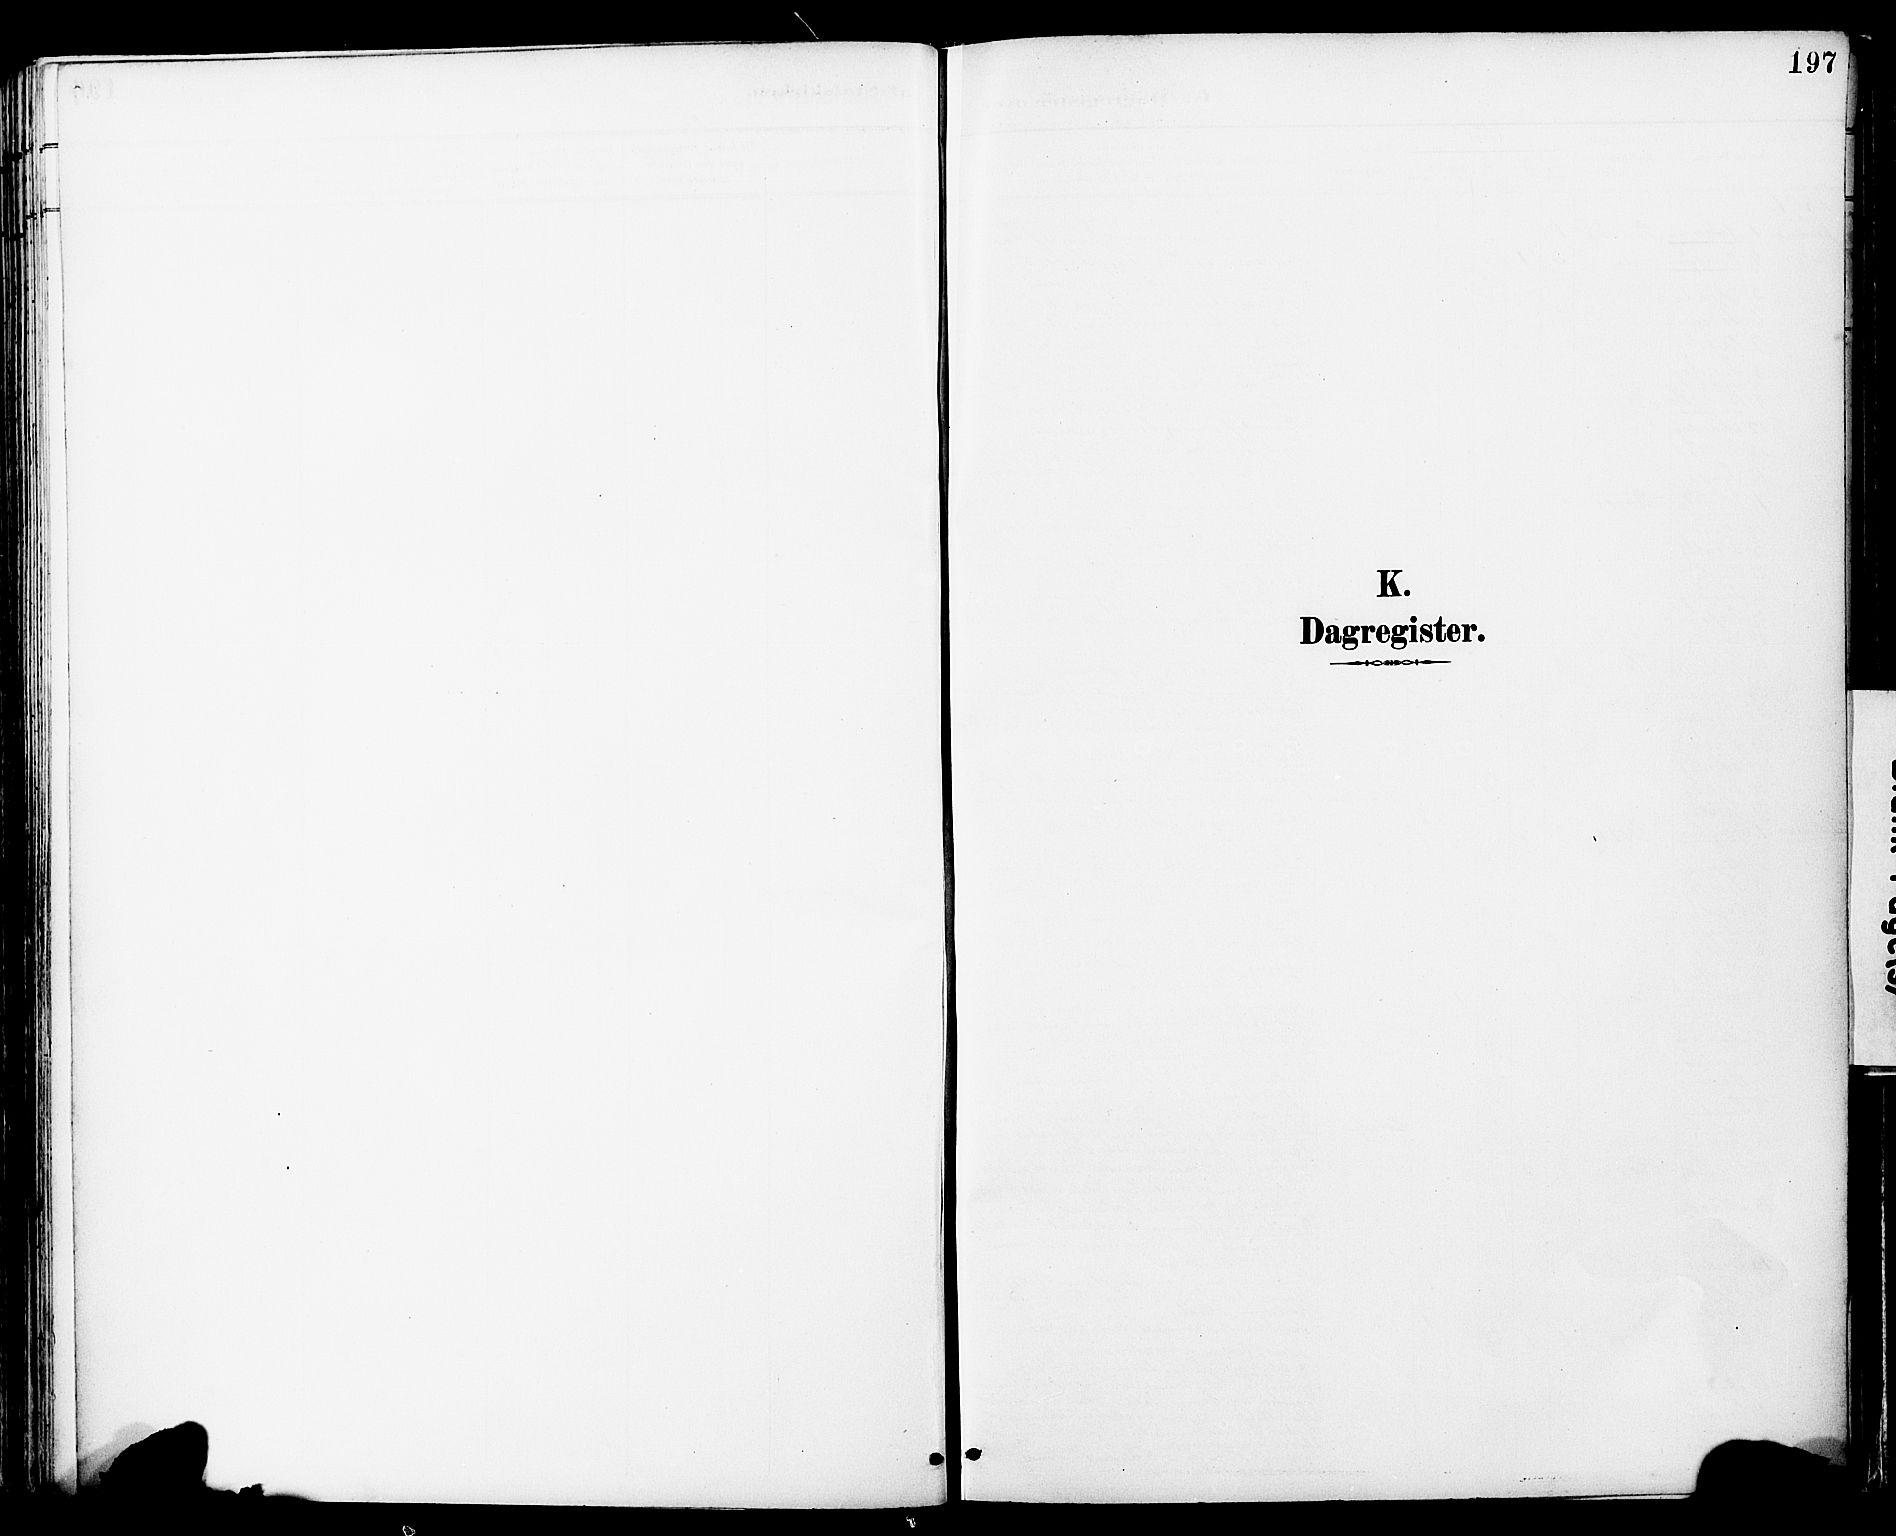 SAT, Ministerialprotokoller, klokkerbøker og fødselsregistre - Sør-Trøndelag, 681/L0935: Ministerialbok nr. 681A13, 1890-1898, s. 197